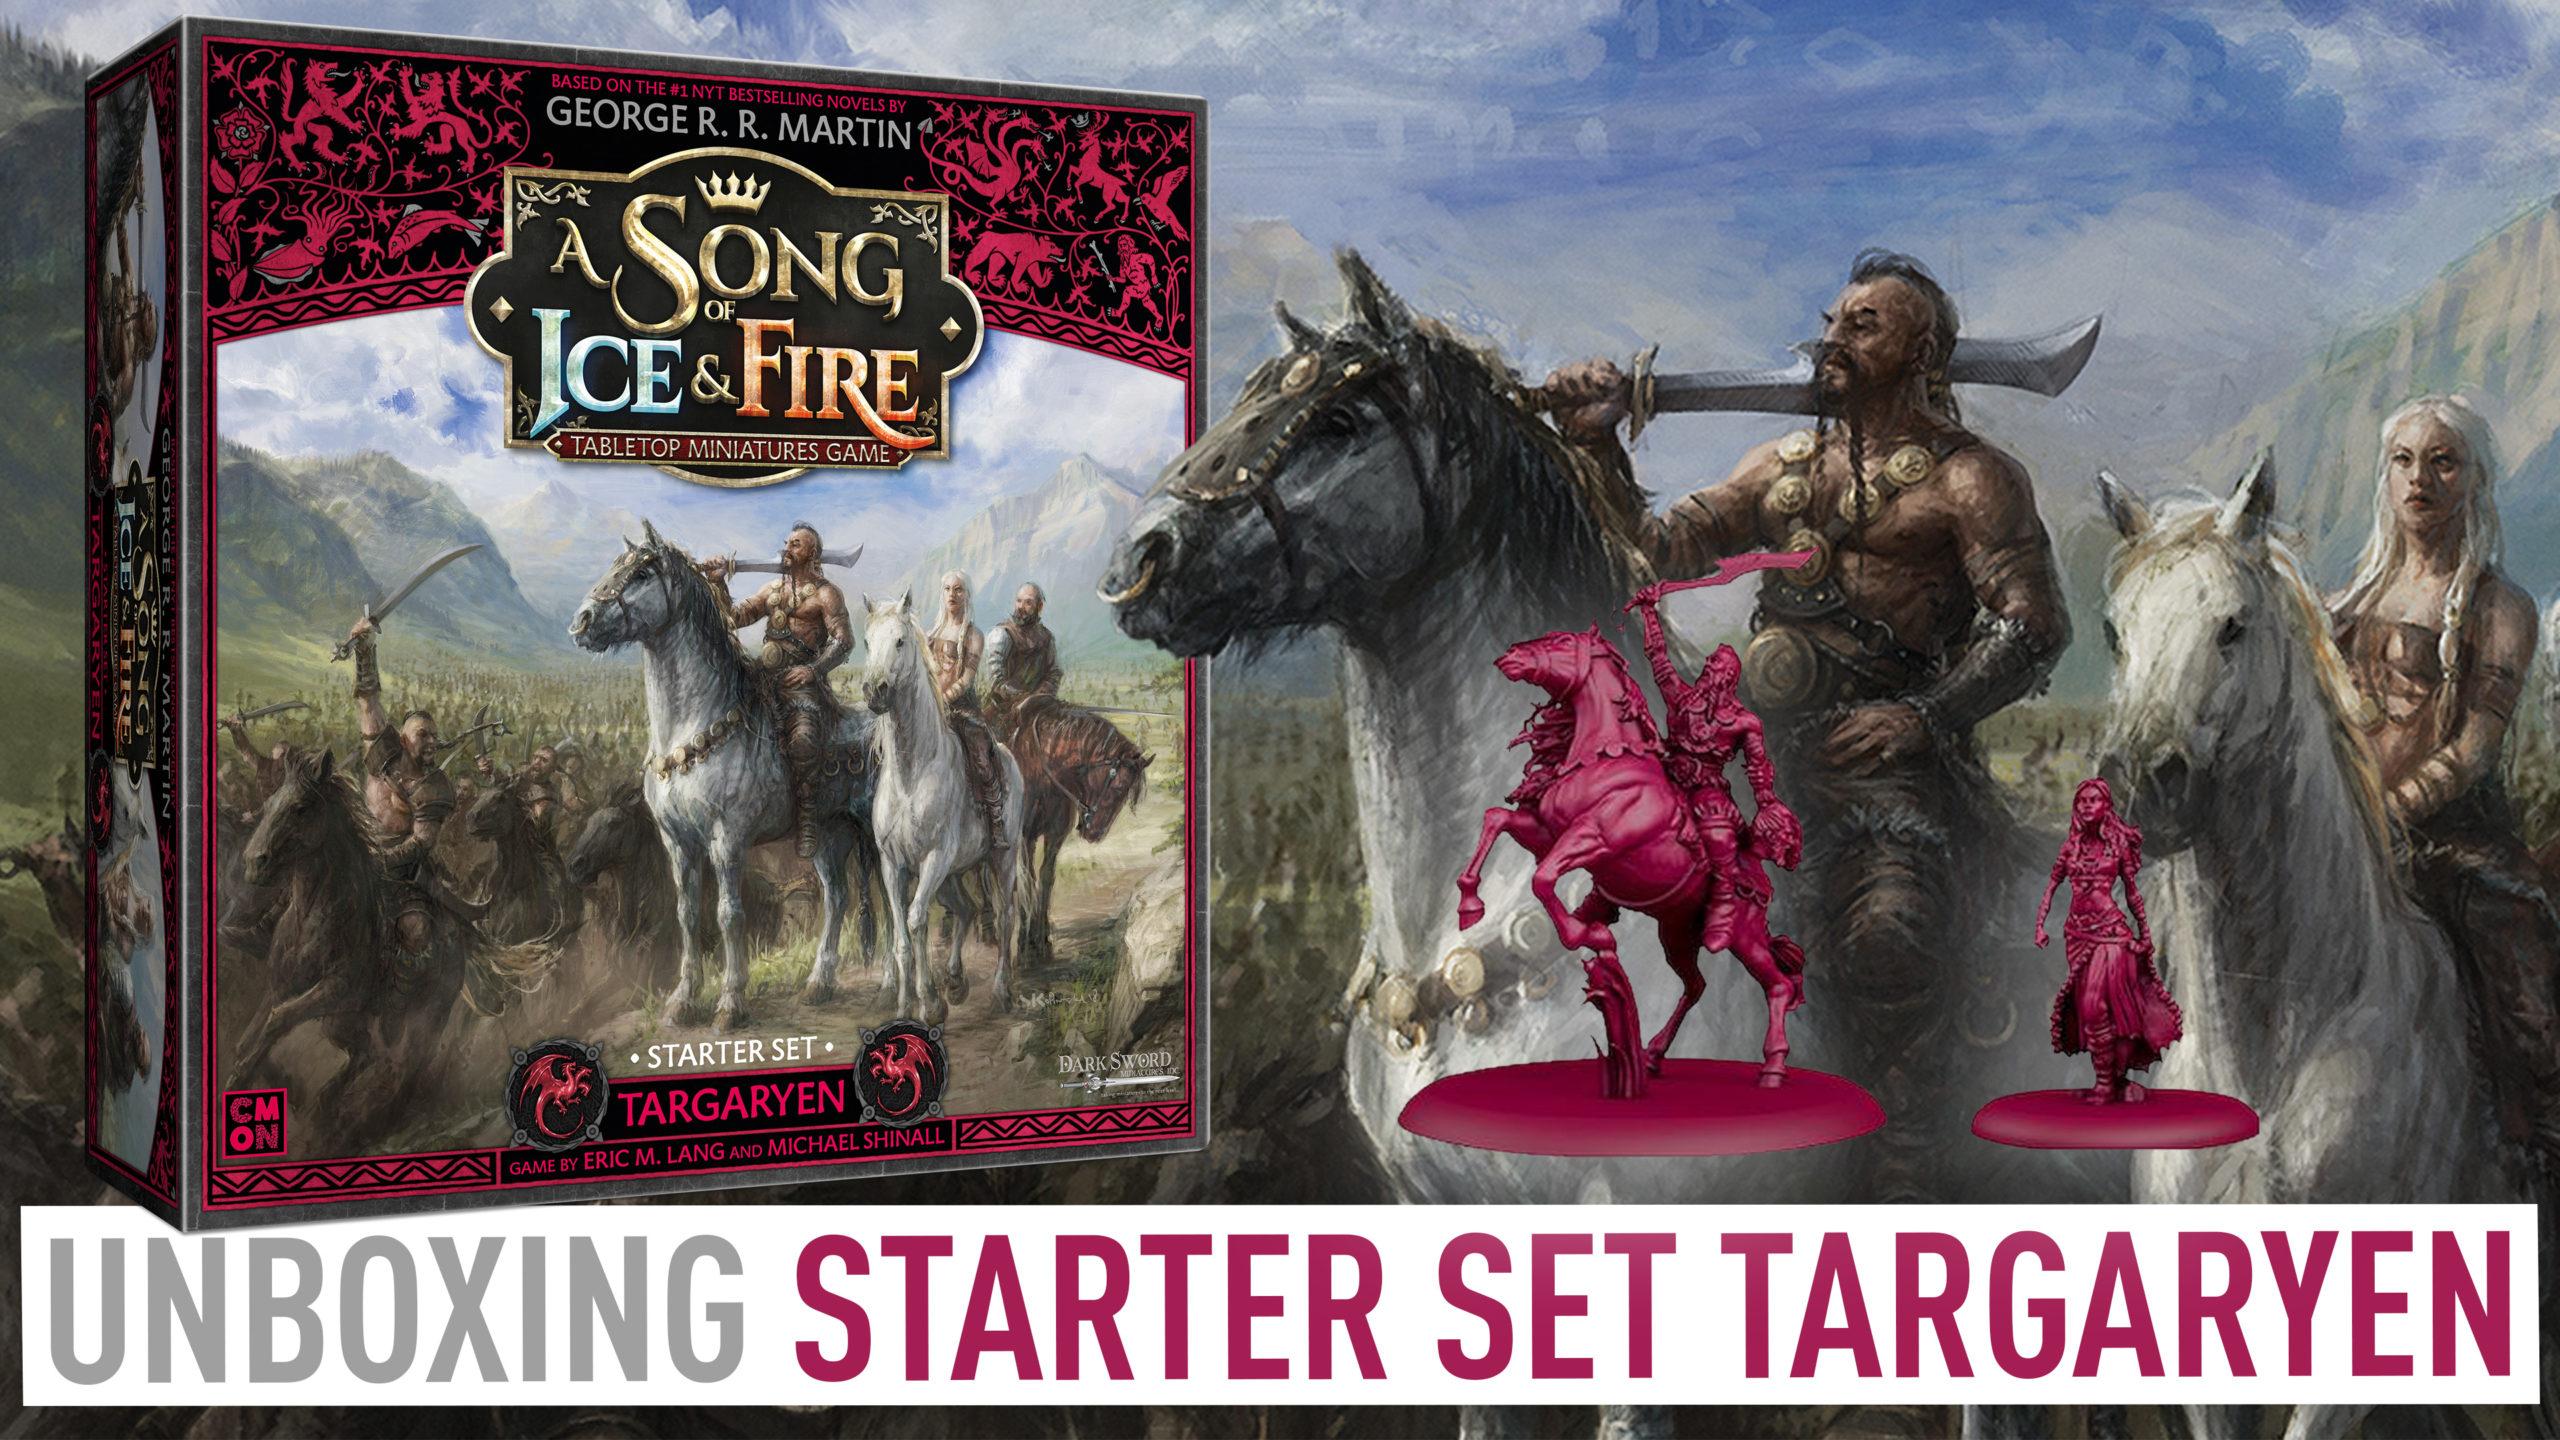 Unboxing Starter Set Targaryen